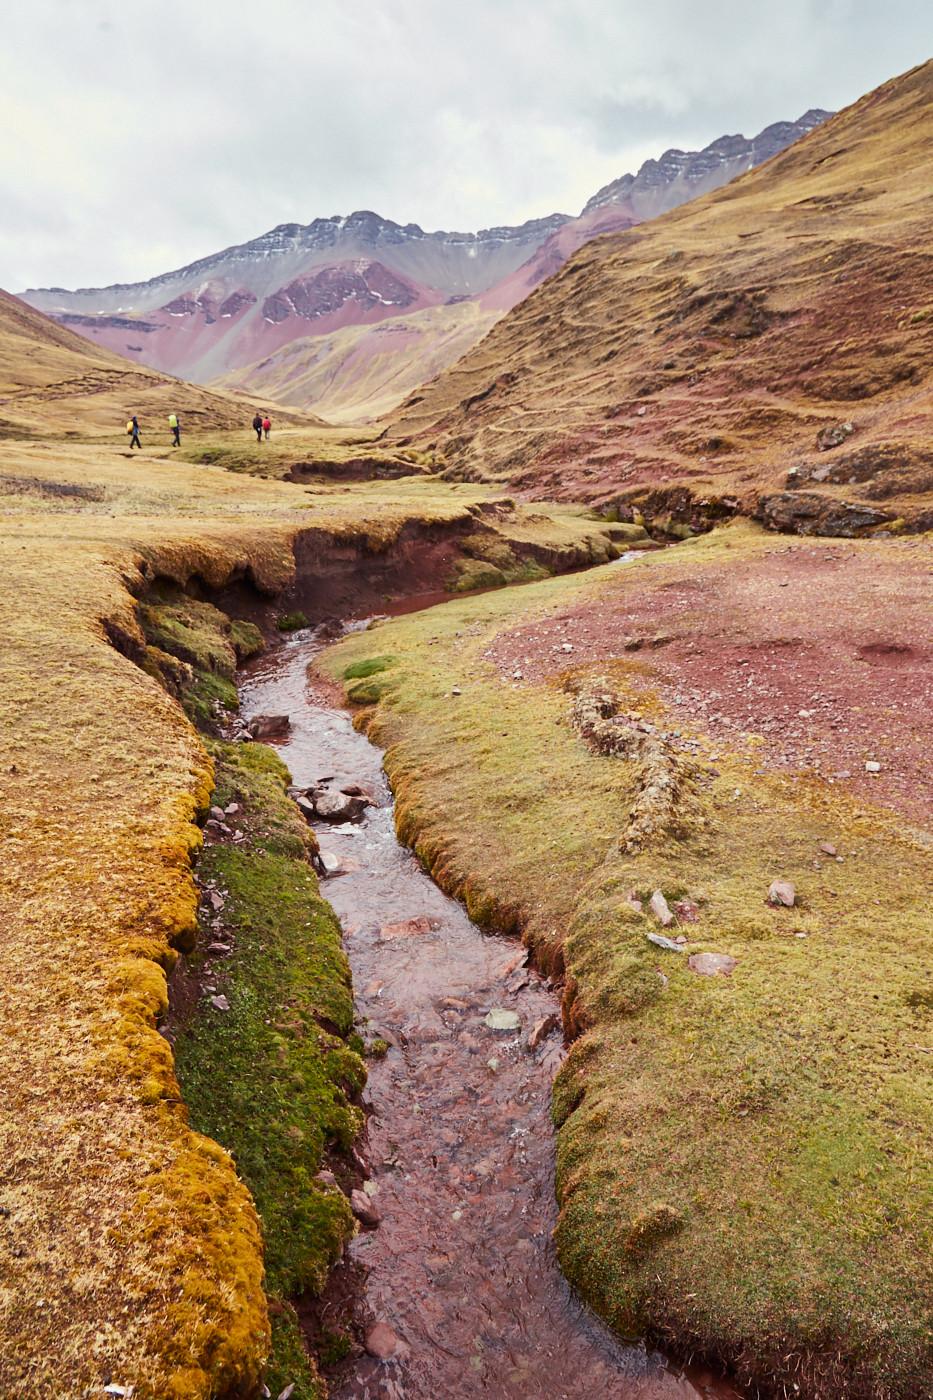 Der Weg zu unserer Campsite im Red Valley führte entlang an Flüssen, die ebenfalls rot gefärbt zu sein schienen